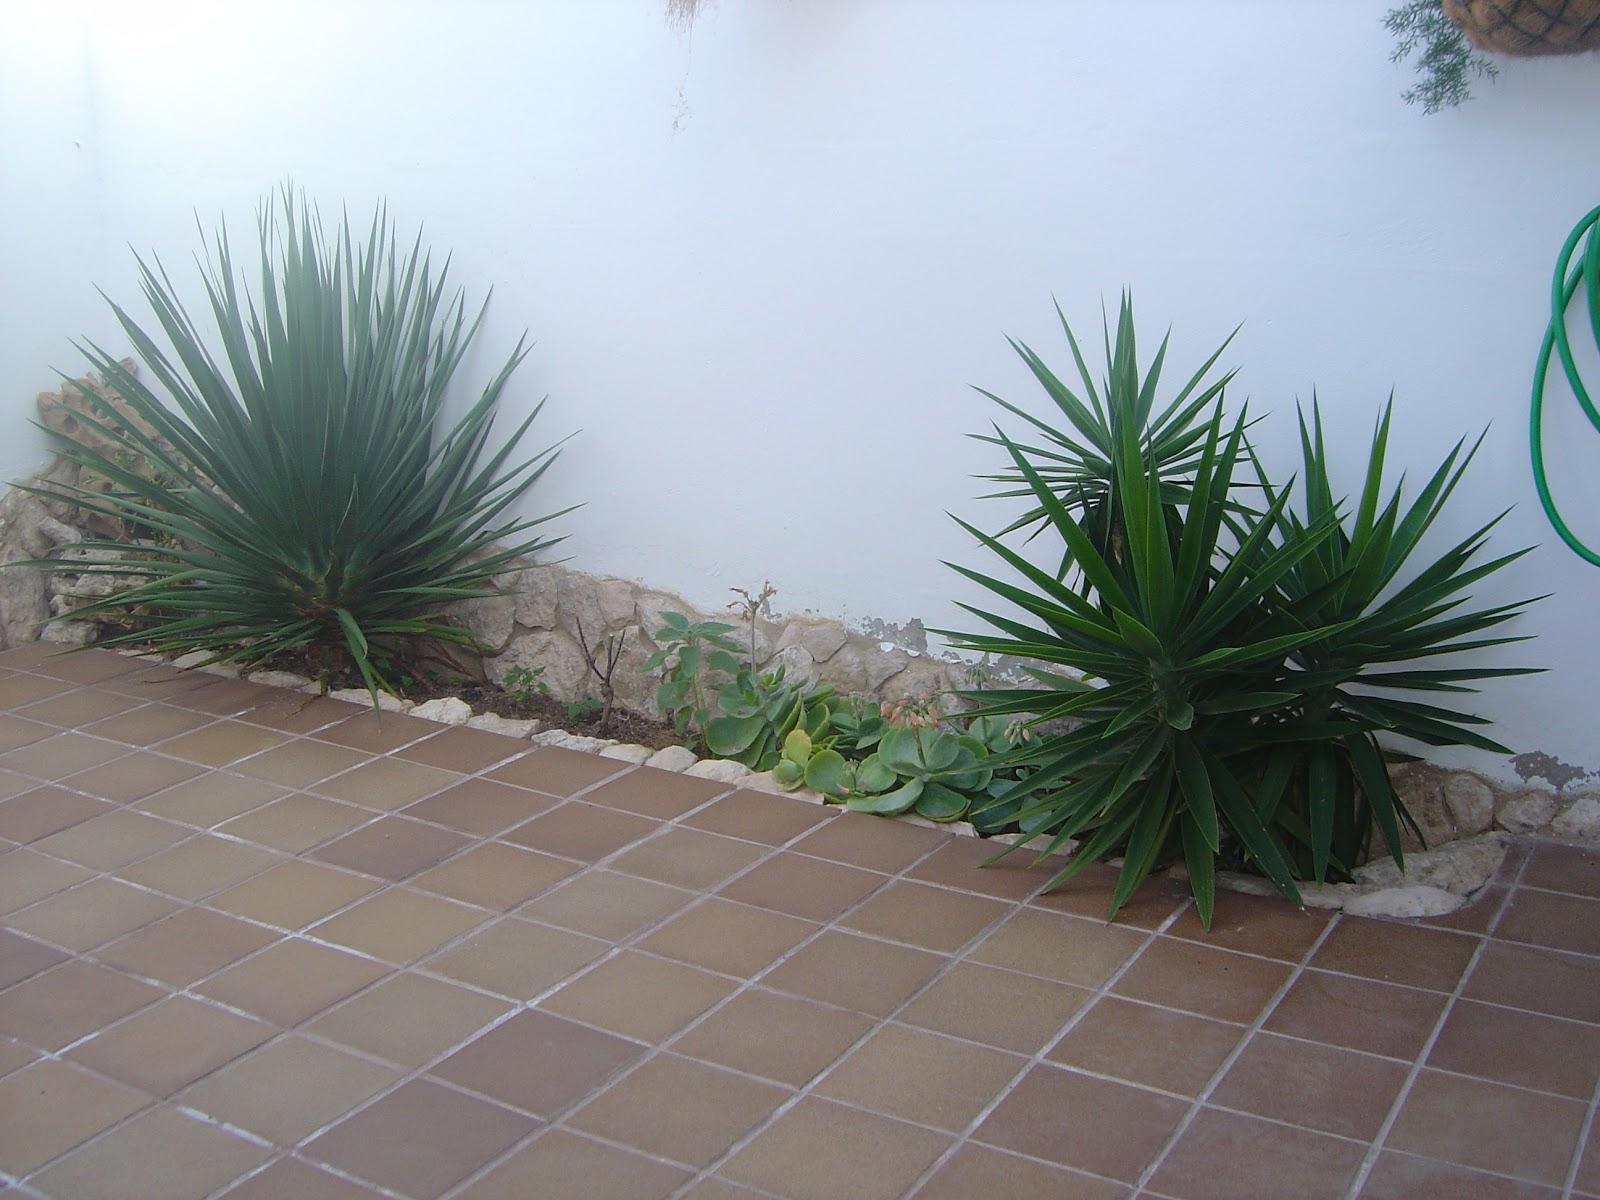 Garsdecors decoraciones artesanales dise o de patio - Jardineras de exterior ...